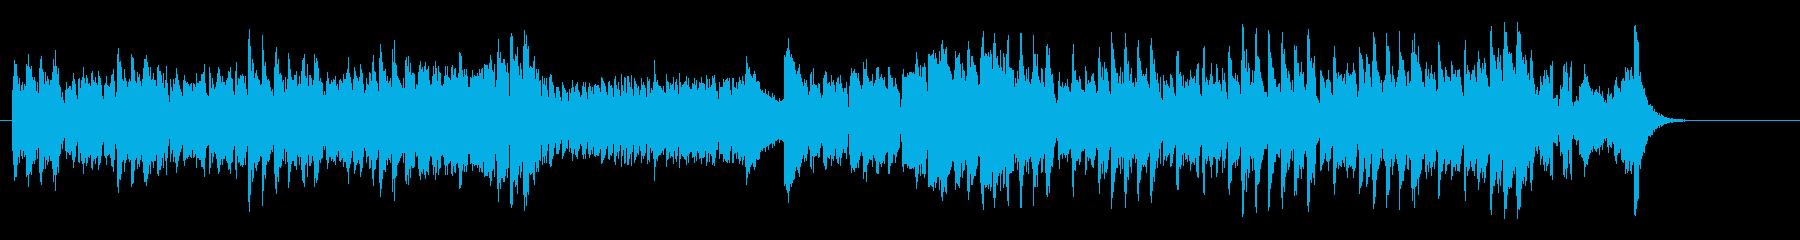 お茶目なスピード・コミカル・サウンドの再生済みの波形